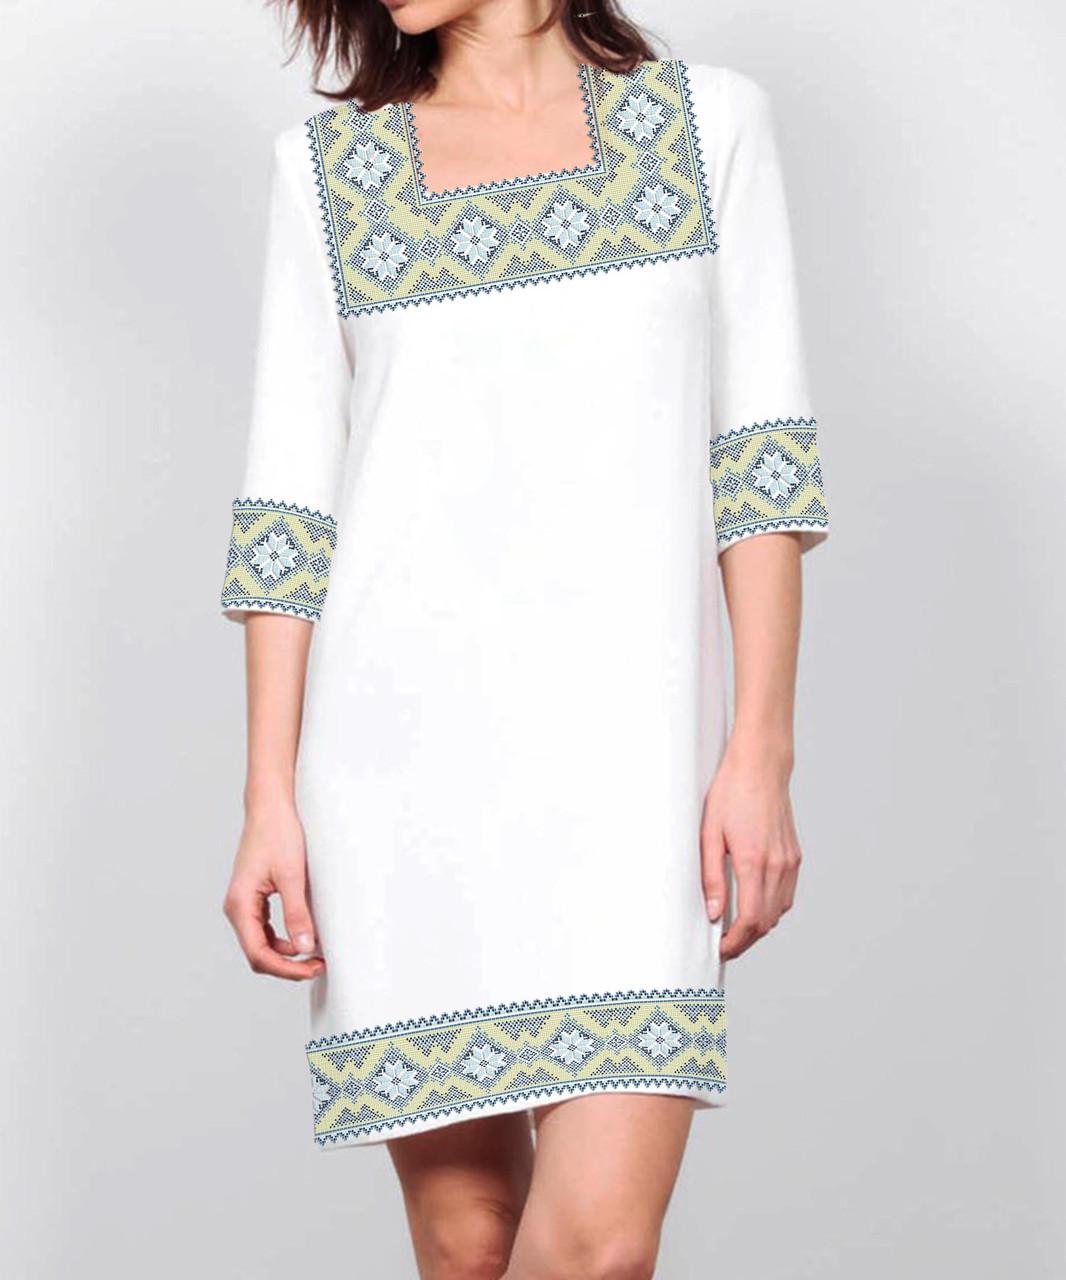 Заготовка женского платья для вышивки / вышивания бисером / ниткой «Золотий орнамент 71»